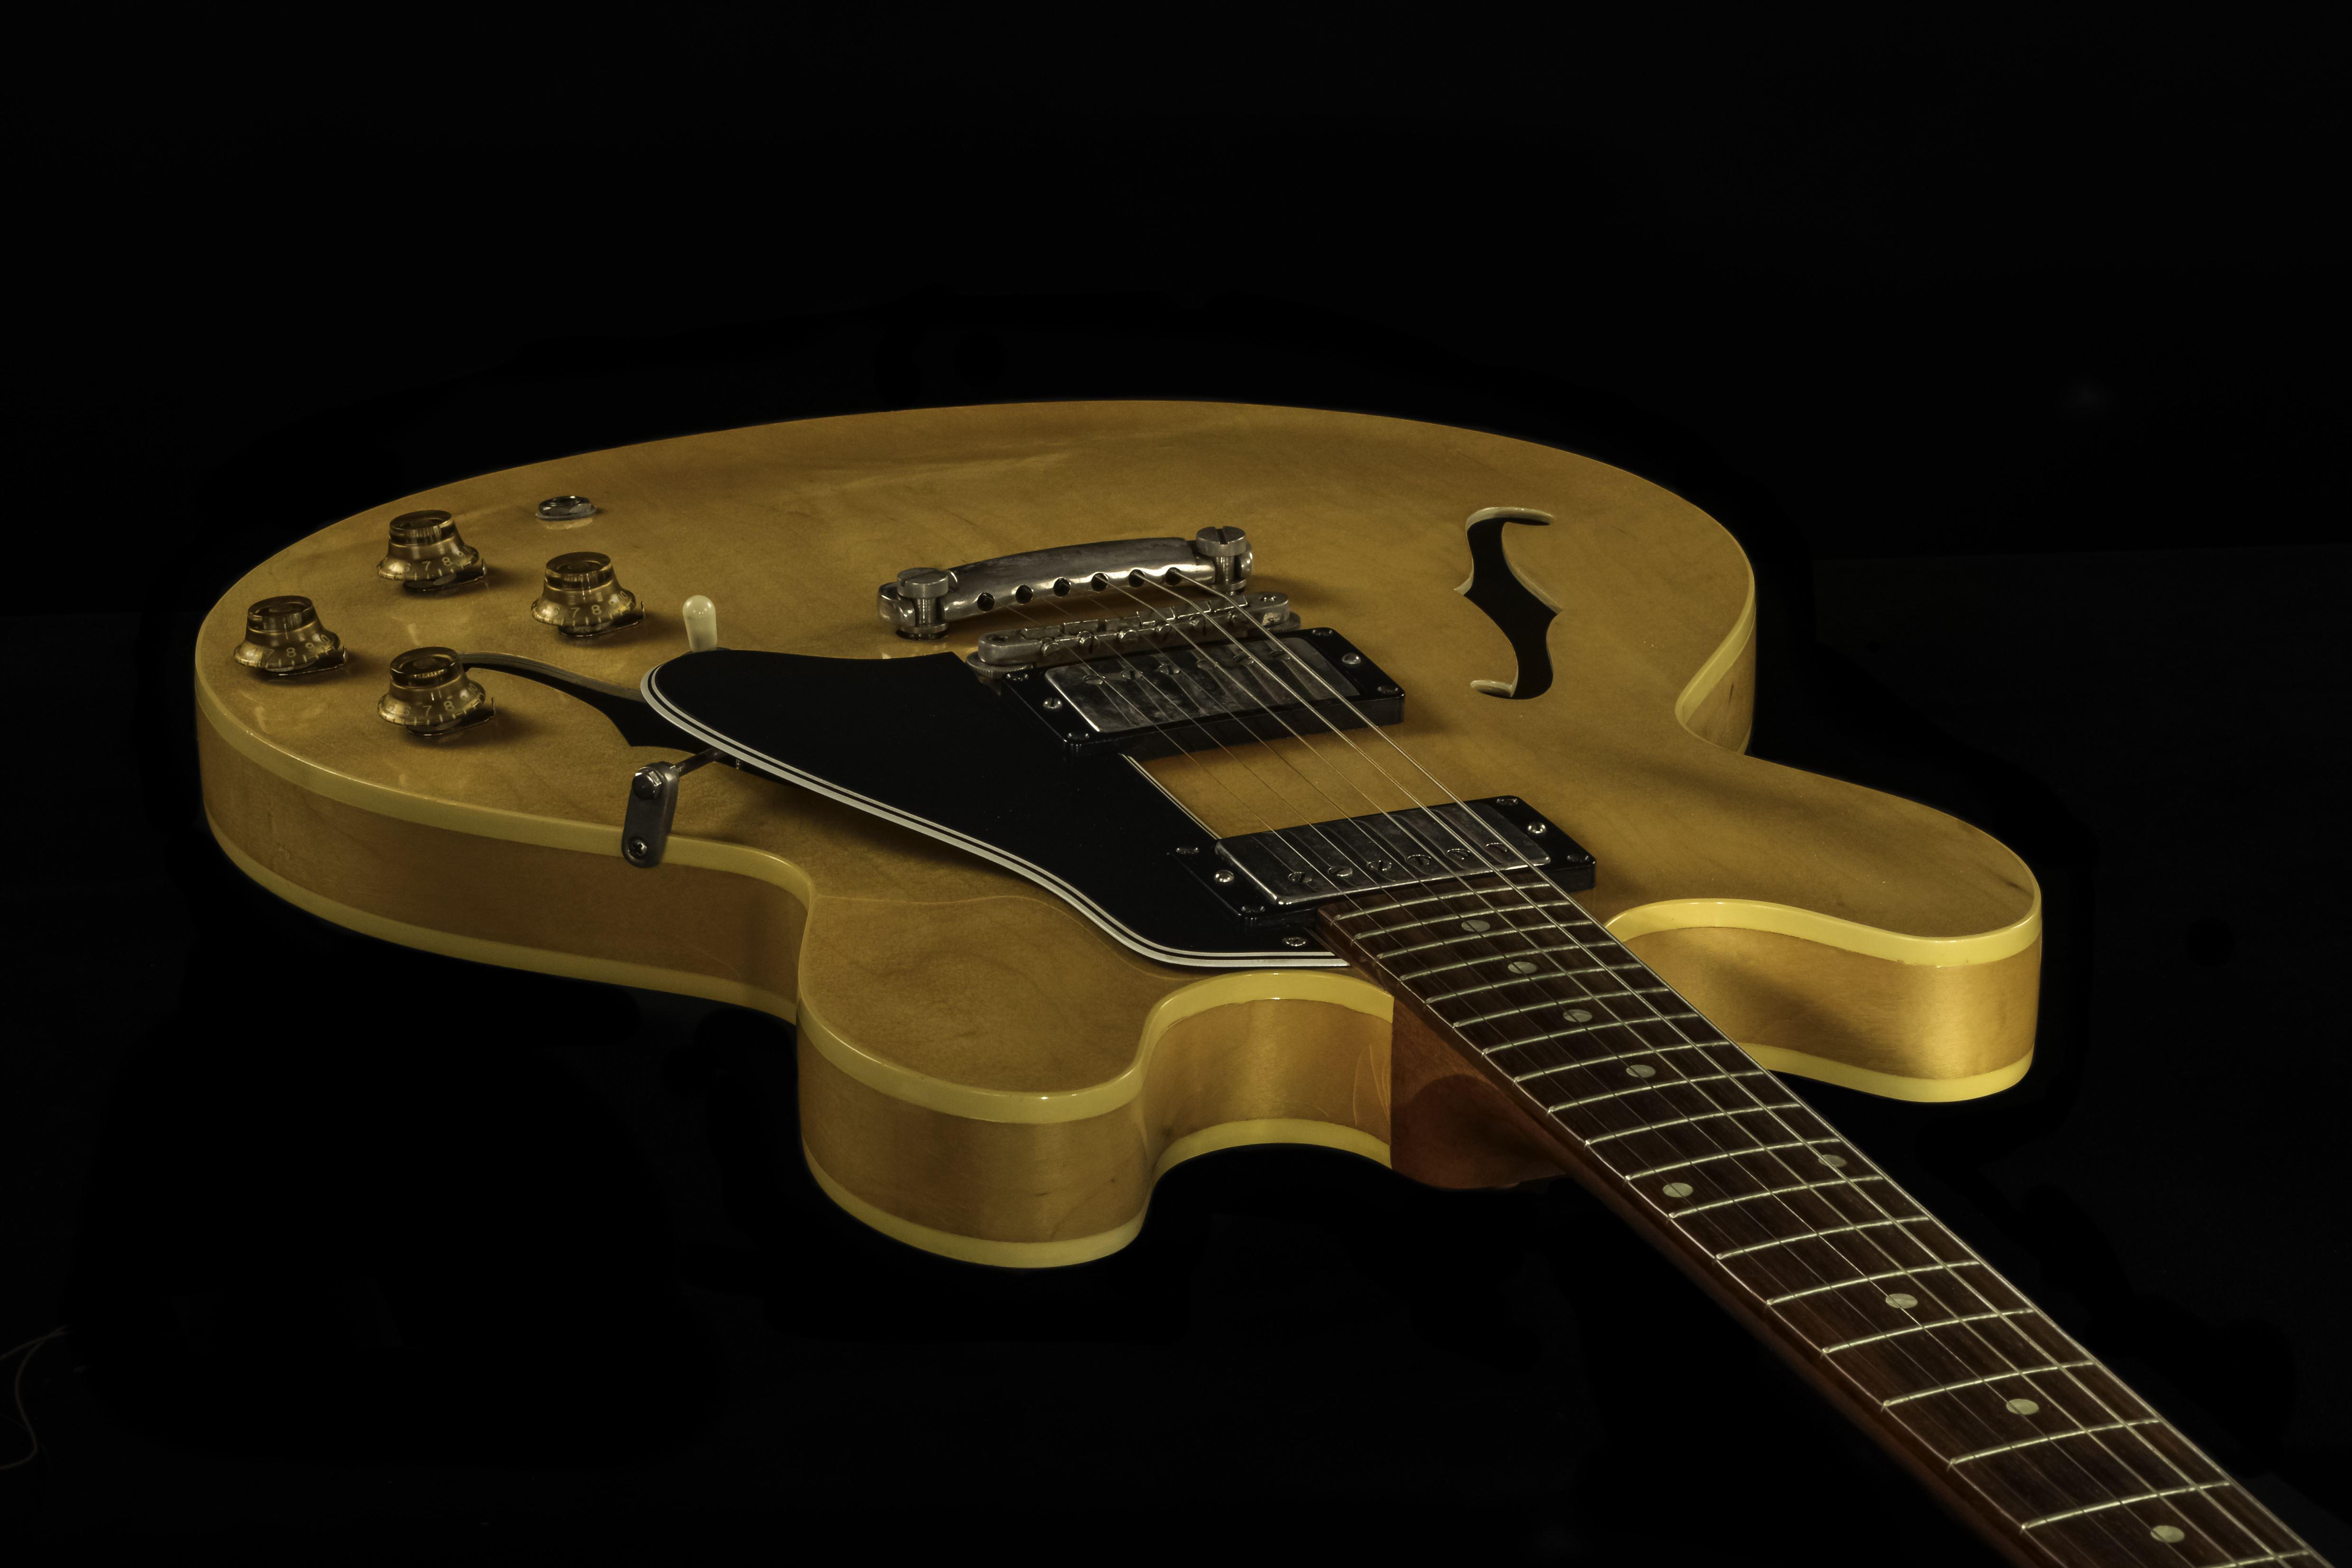 Guidningar på Guitars - The Museum